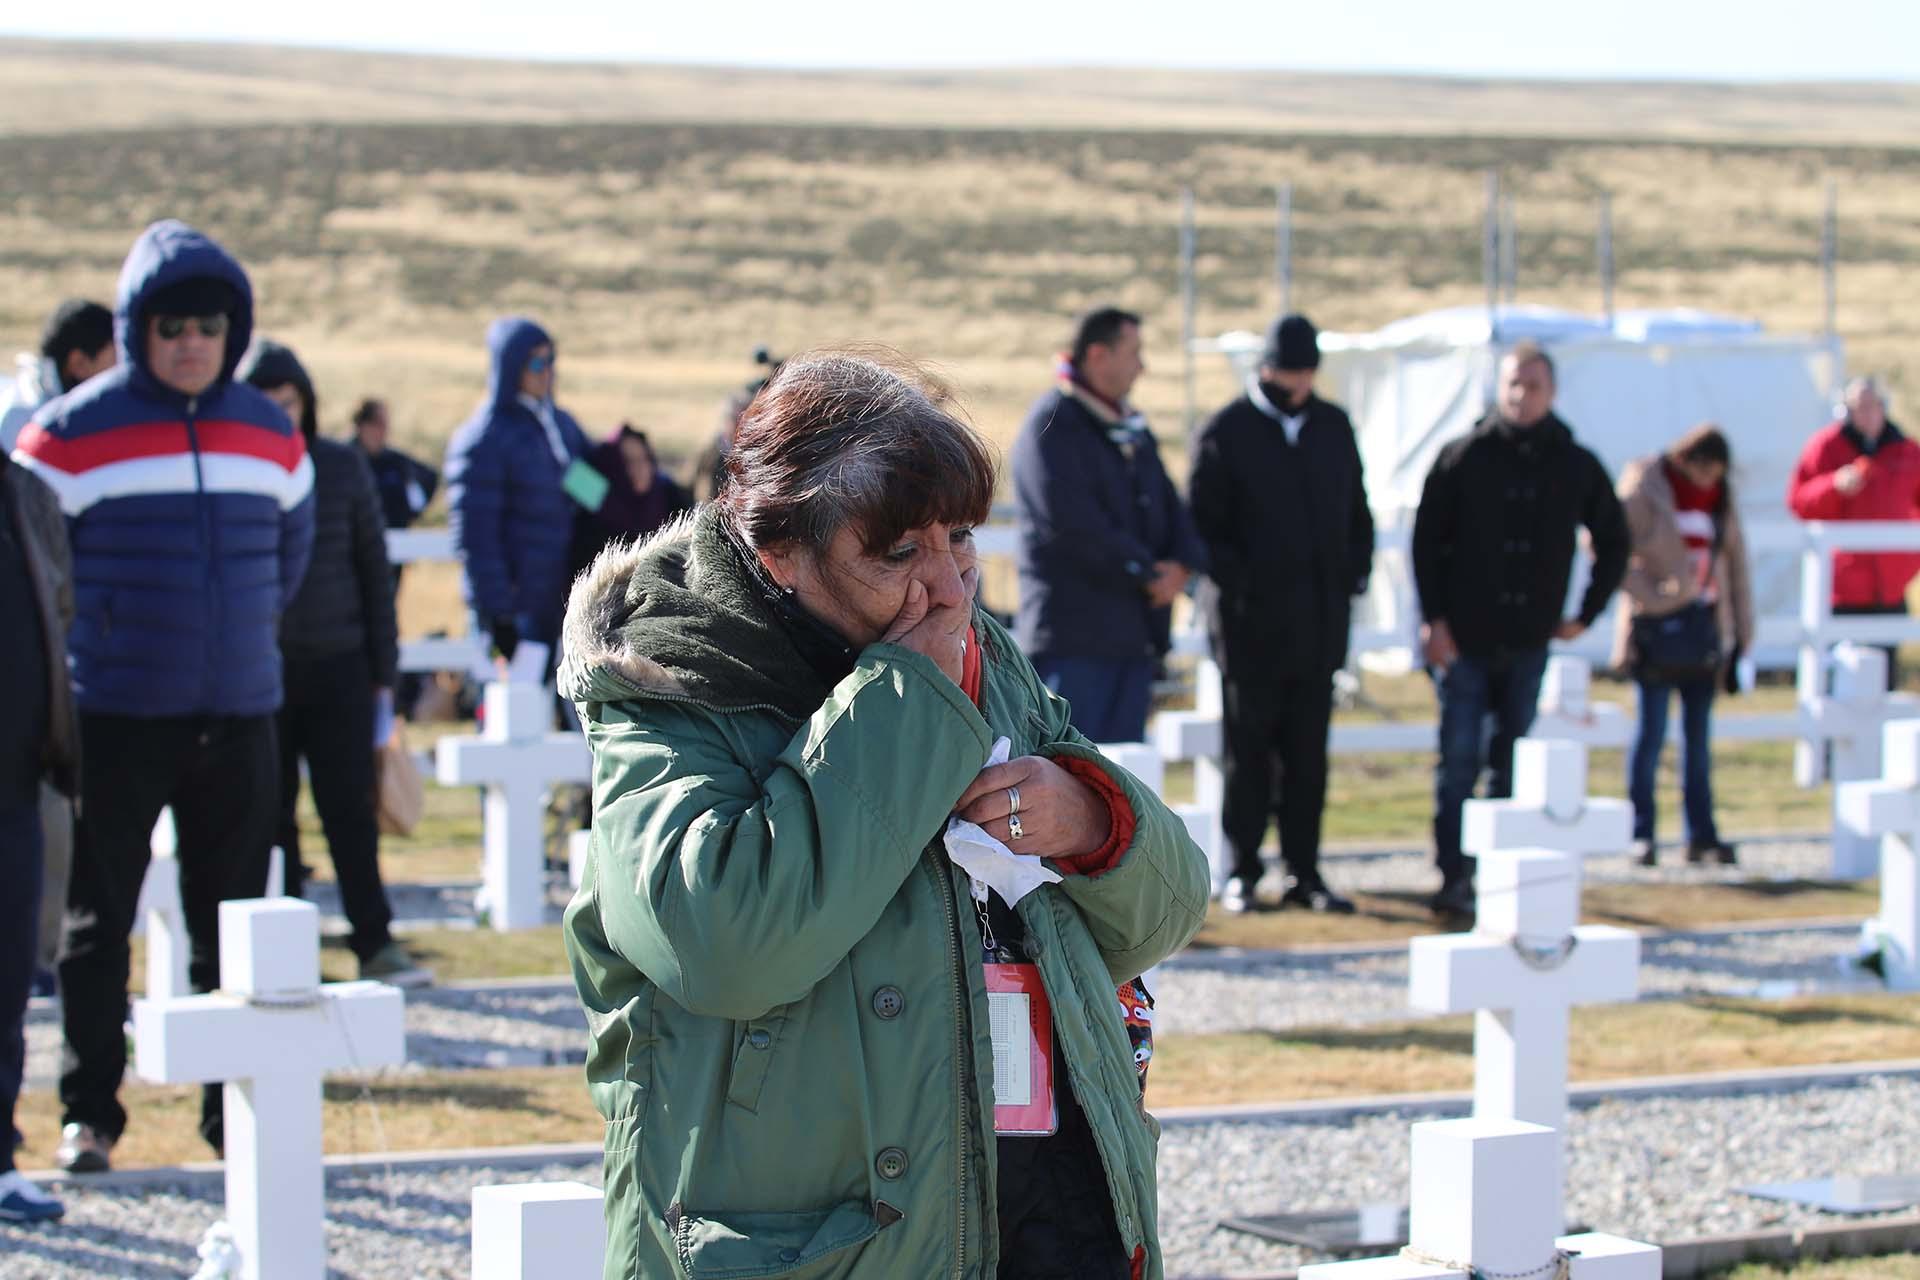 Malvinas es una herida abierta para los familiares, que a 36 años de la guerra, lloran a sus seres queridos en Darwin